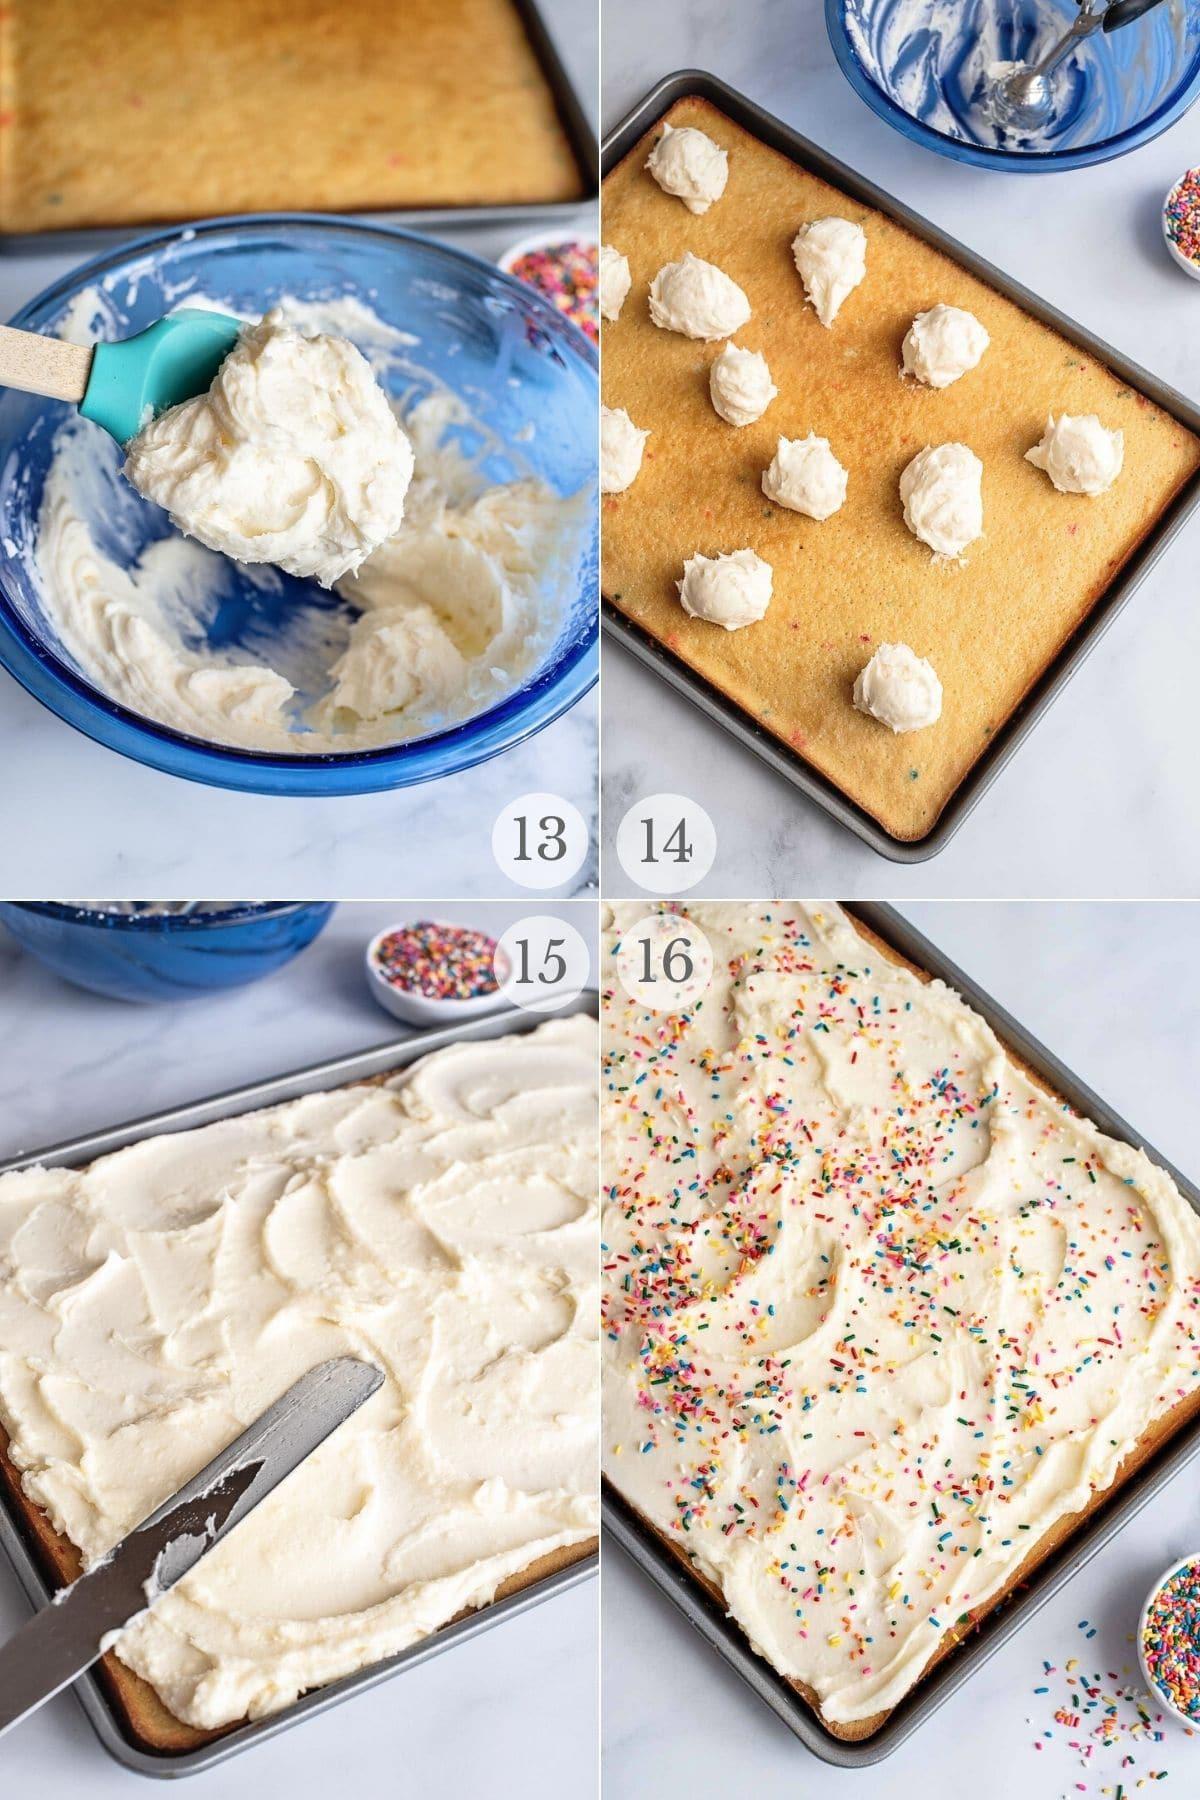 funfetti cake recipe steps 13-16